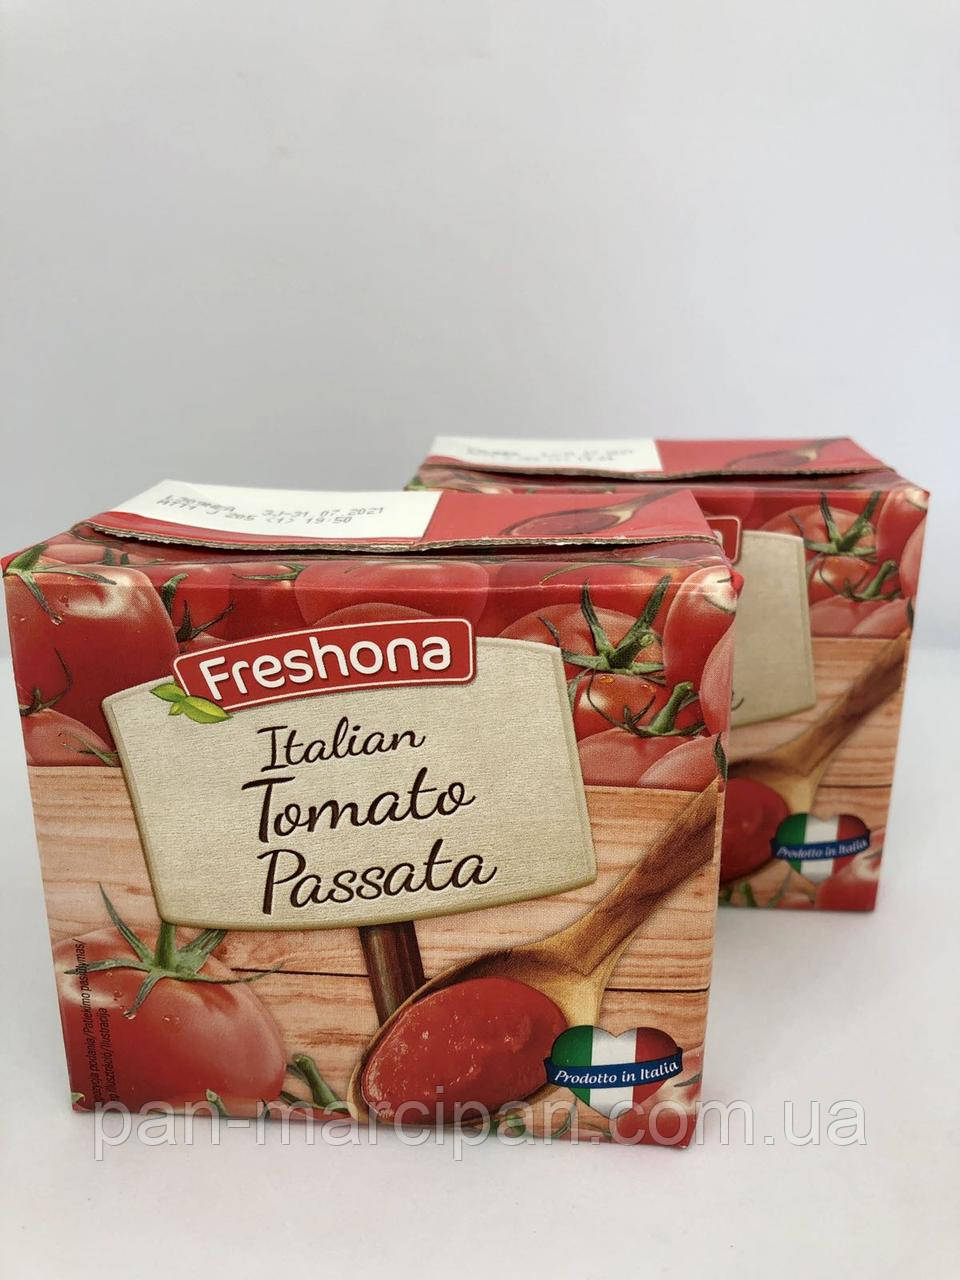 Passata di Pomodoro Freshona 500мл